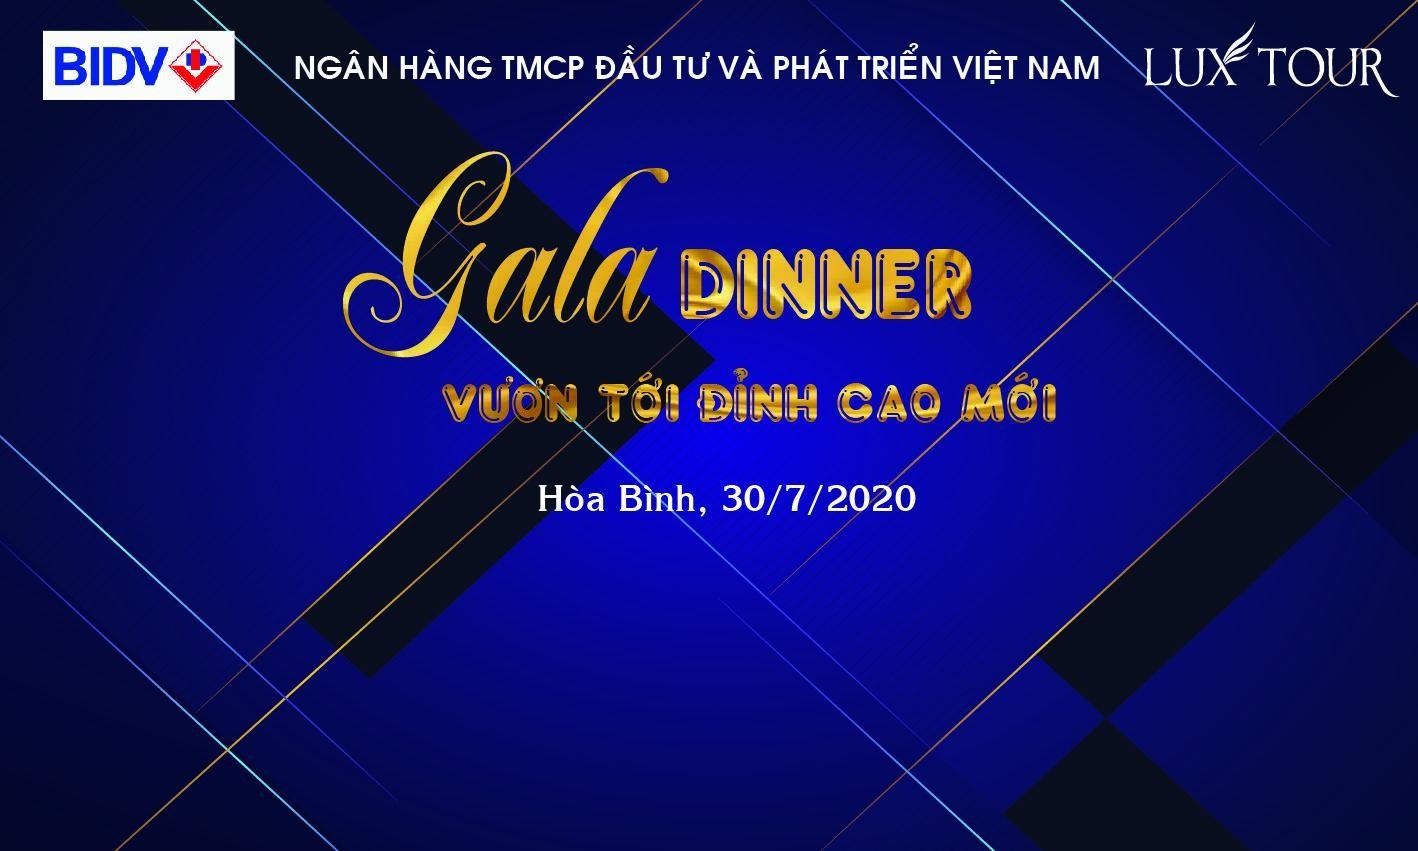 Mẫu backdrop Gala Dinner sáng tạo mới lạ nhất 2021 - Luxtour 9